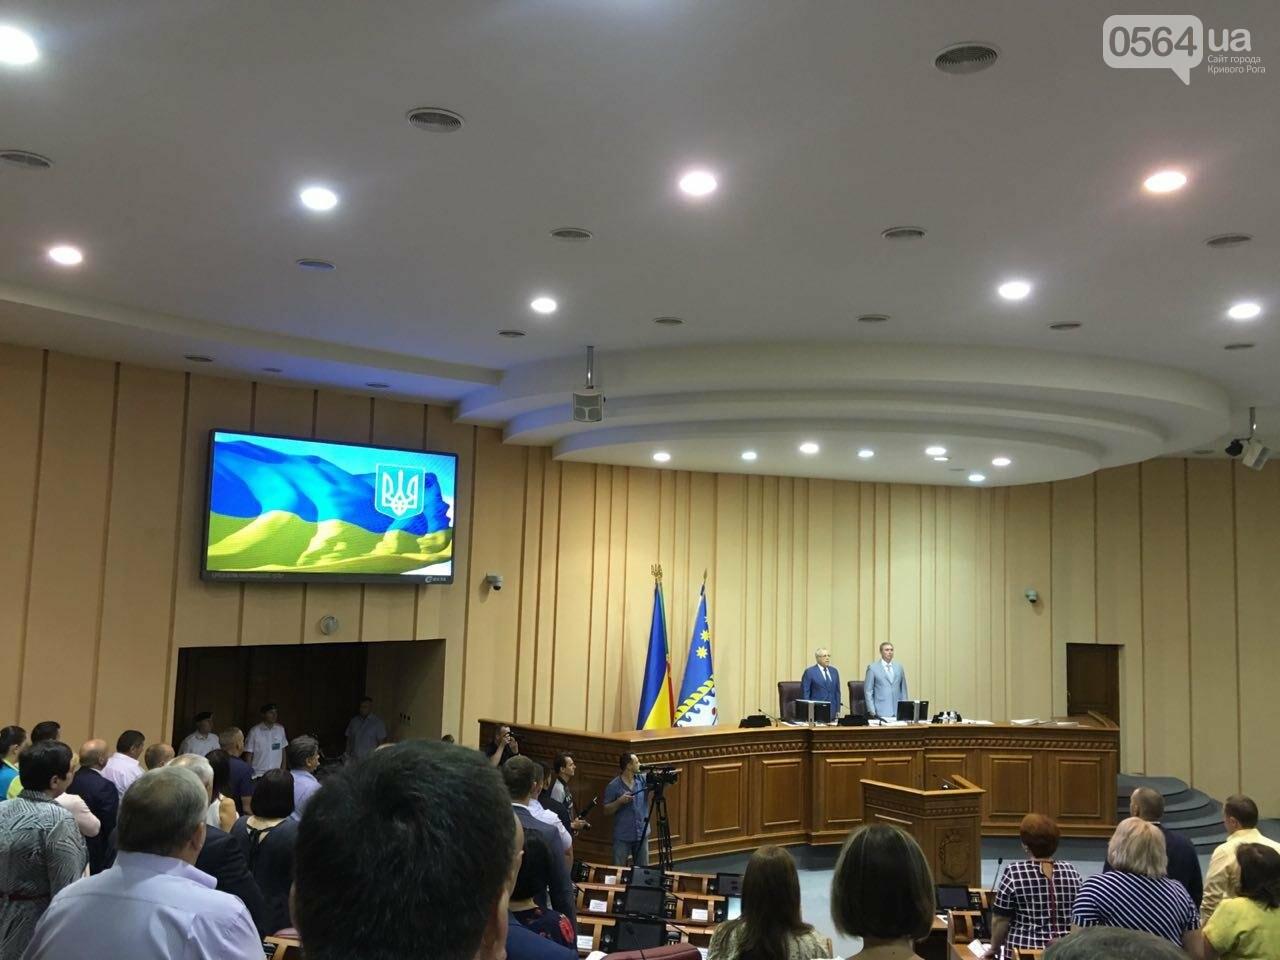 Криворожские депутаты обсудят вопрос премирования мэра и его заместителей, тариф на проезд в маршрутках и поддержку бизнесменов, - ФОТО, фото-8